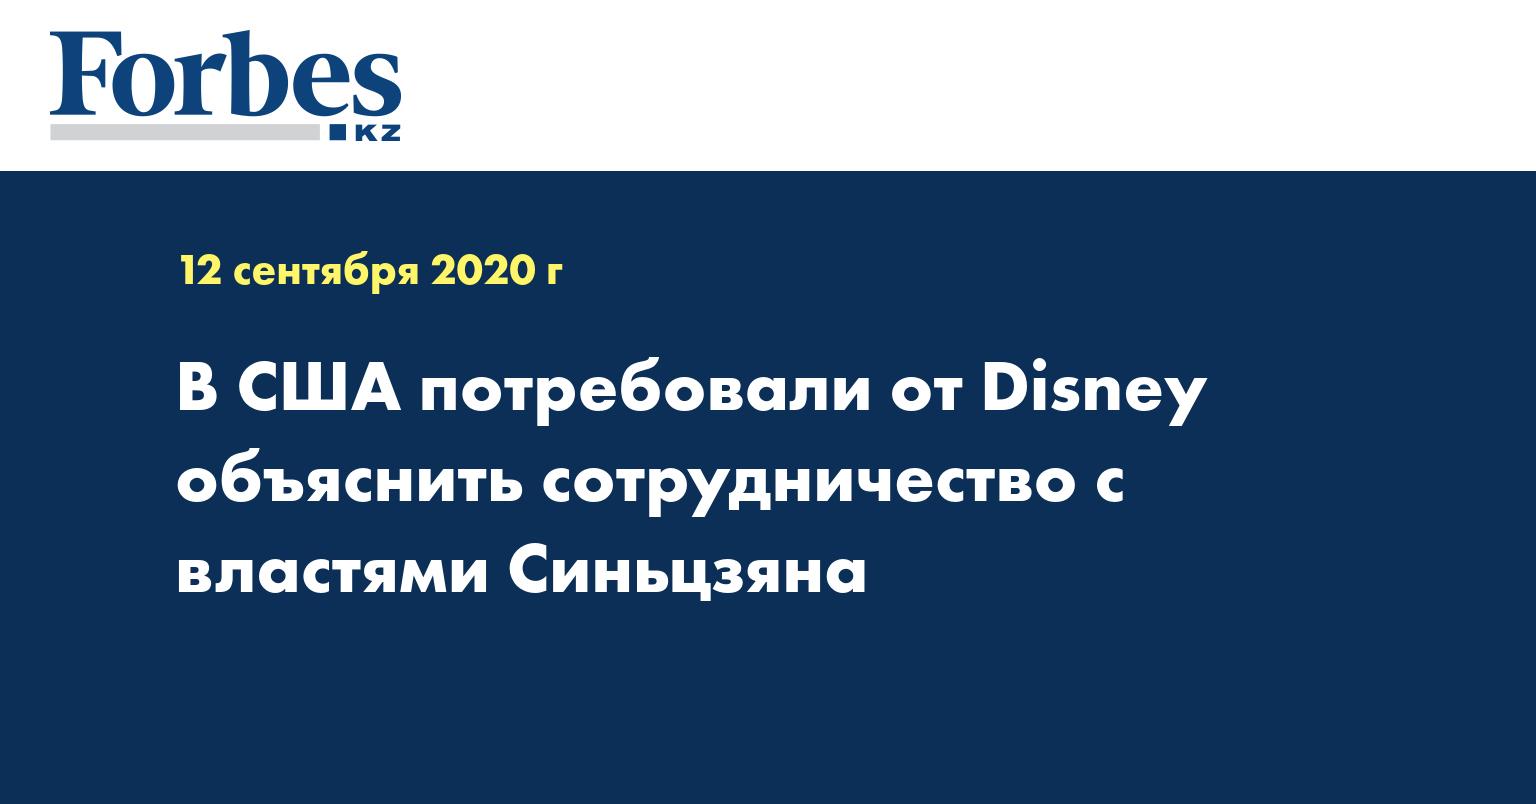 В США потребовали от Disney объяснить сотрудничество с властями Синьцзяна